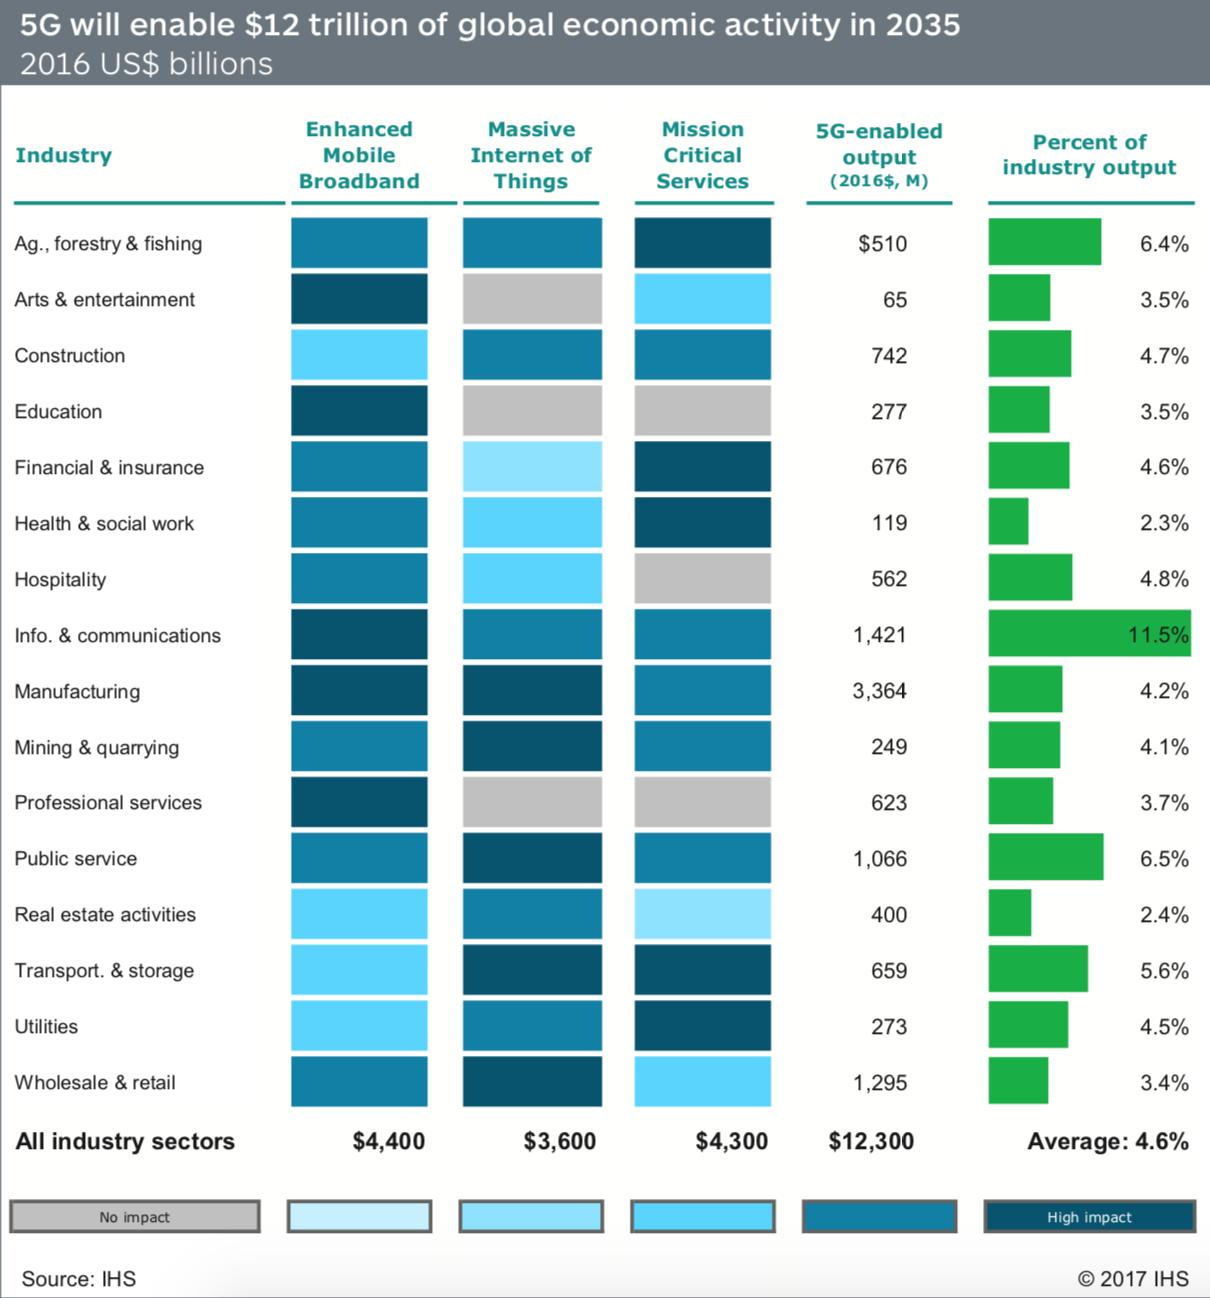 Hospodářská produkce bude značně vylepšena v řadě odvětví díky 5G